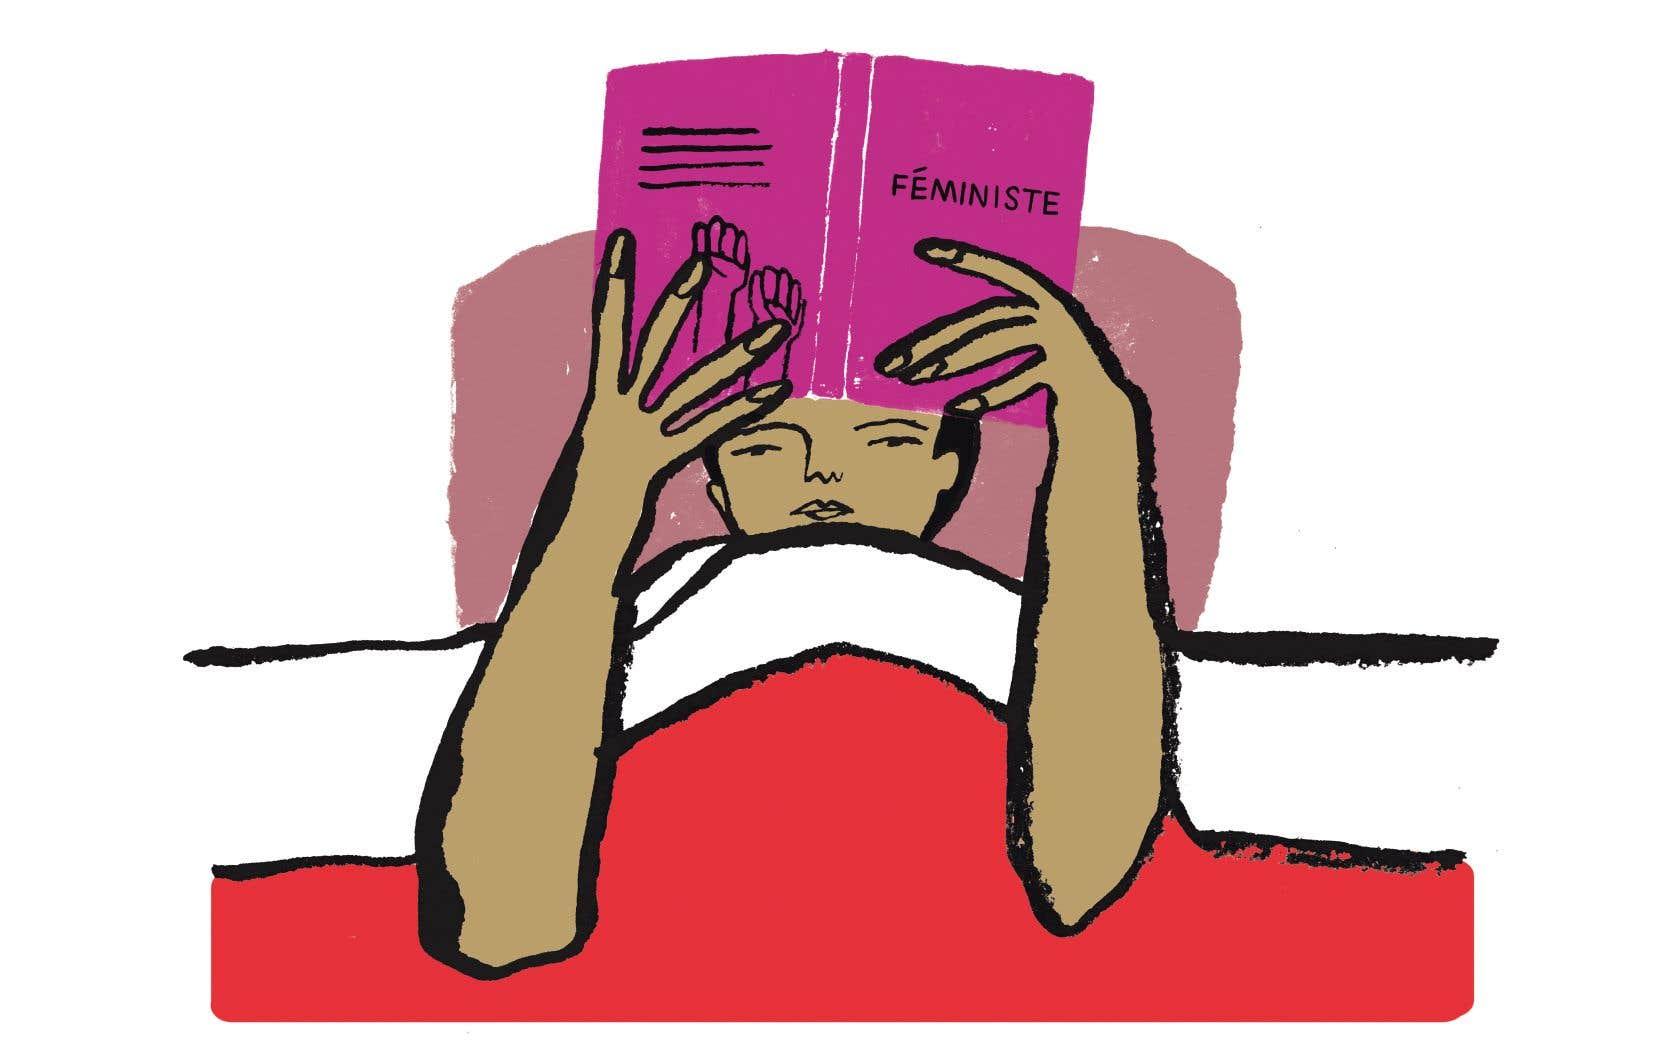 La relance actuelle voit des maisons d'édition qui ne touchaient pas au féminisme soudain s'y mettre.